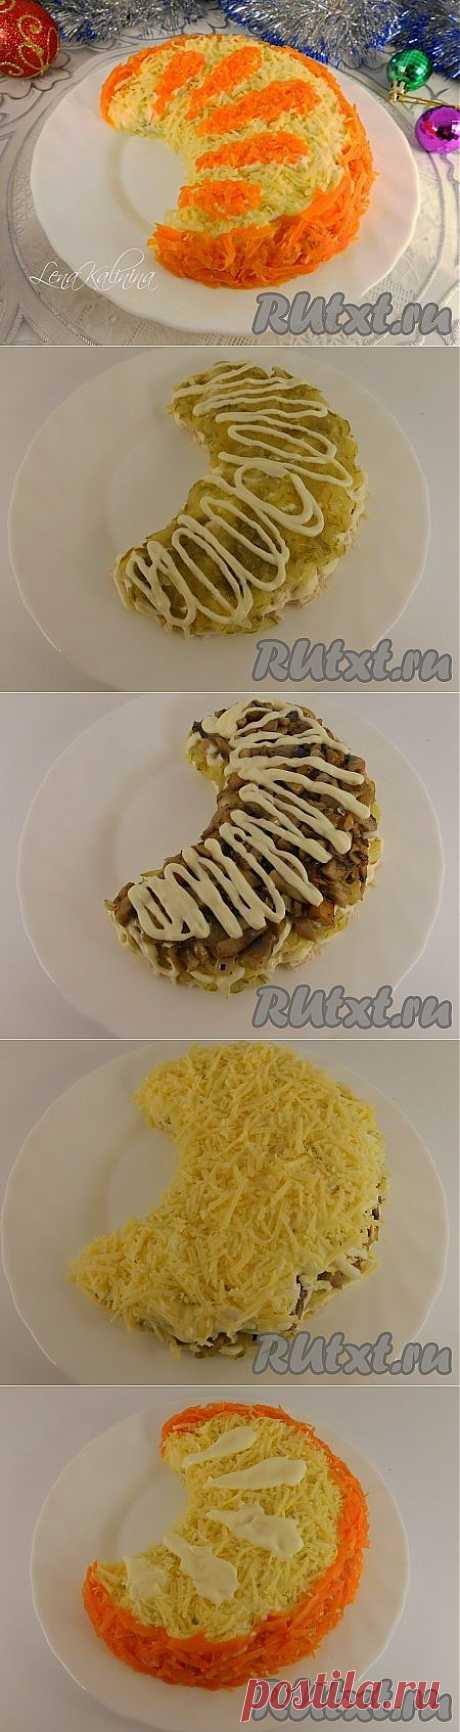 """Рецепт салата """"Апельсиновая долька"""" (рецепт с фото)   RUtxt.ru"""